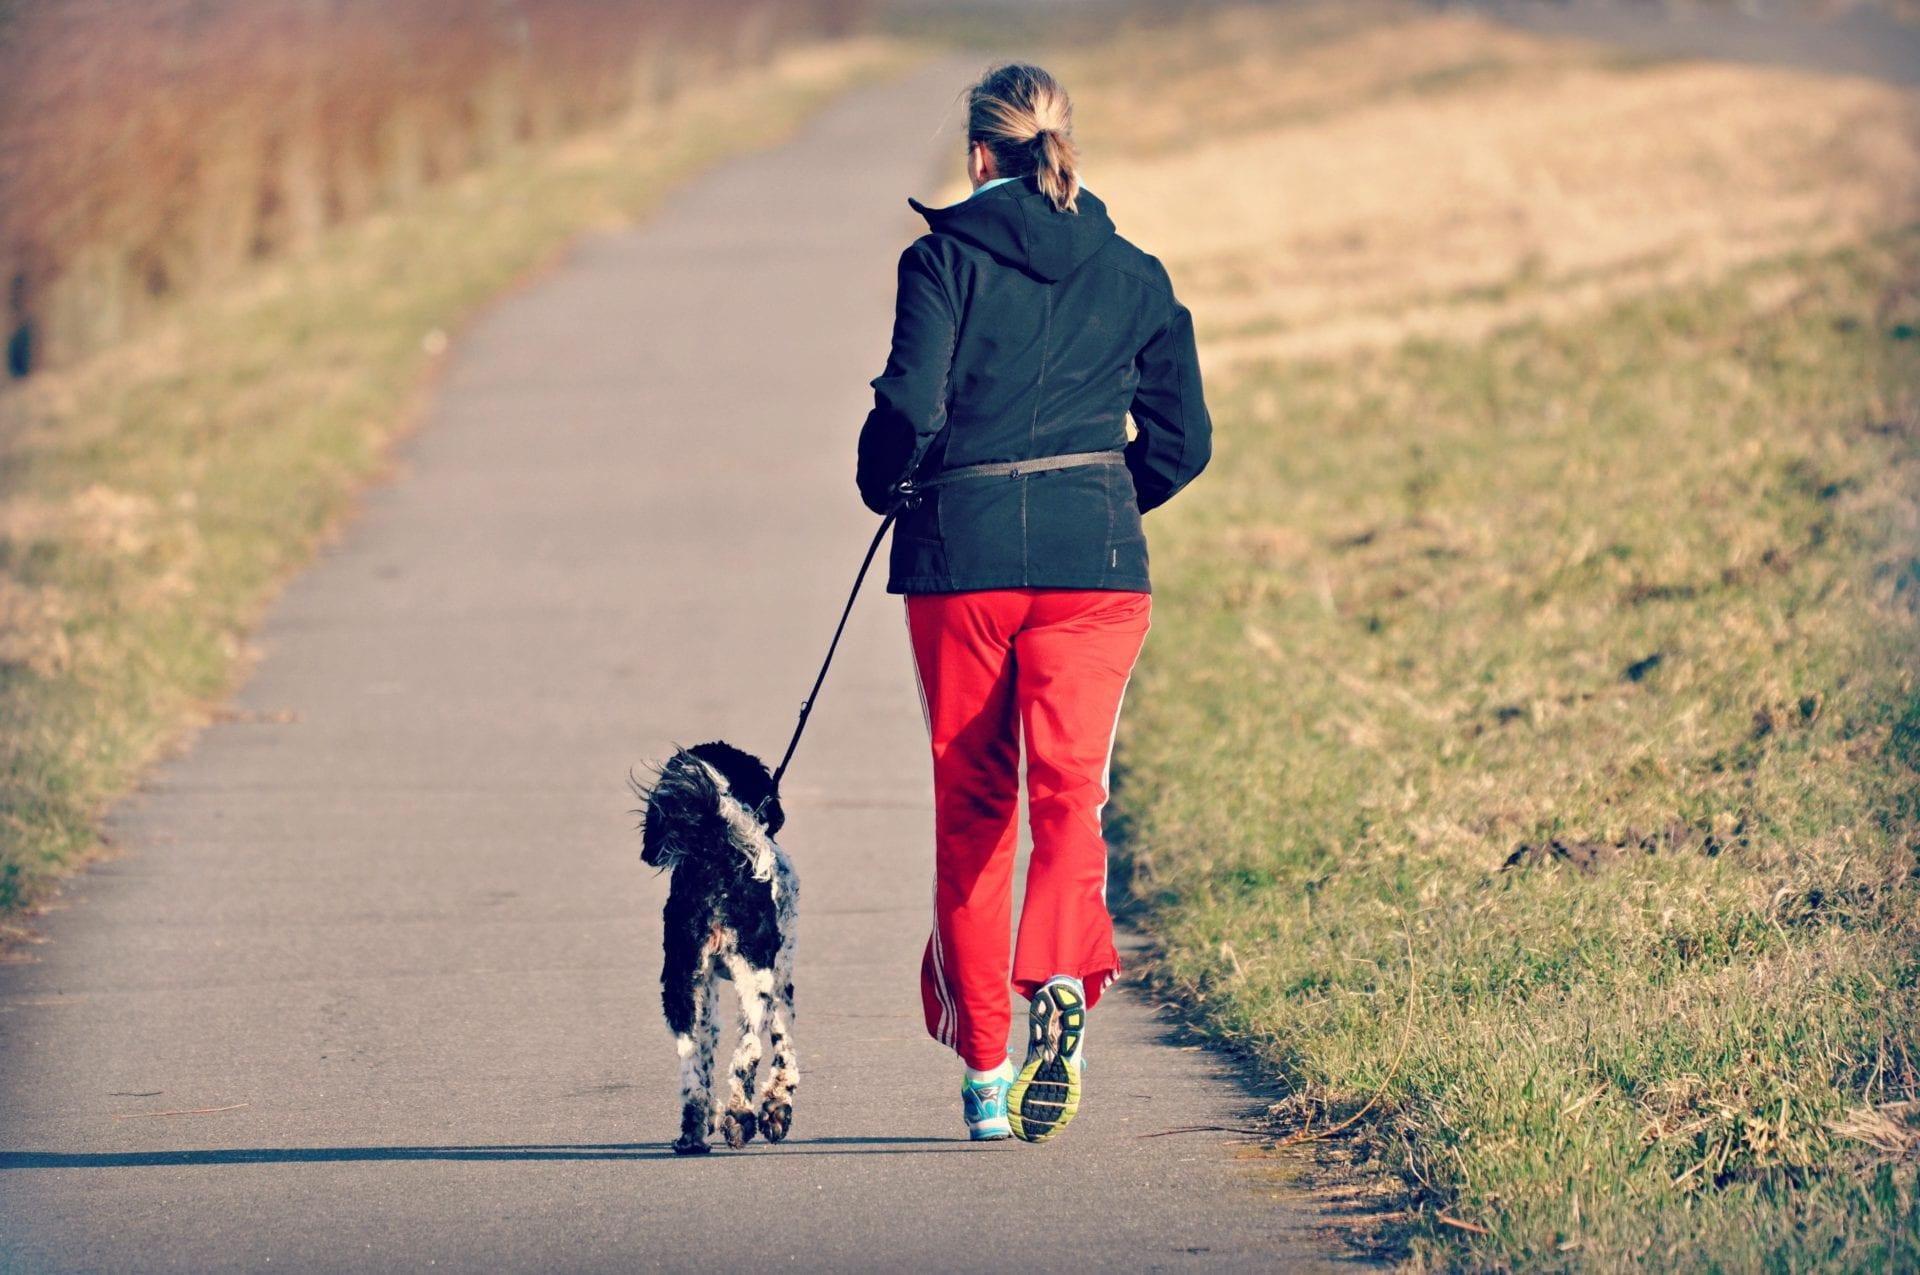 Liikunta auttaa stressinhallinnassa